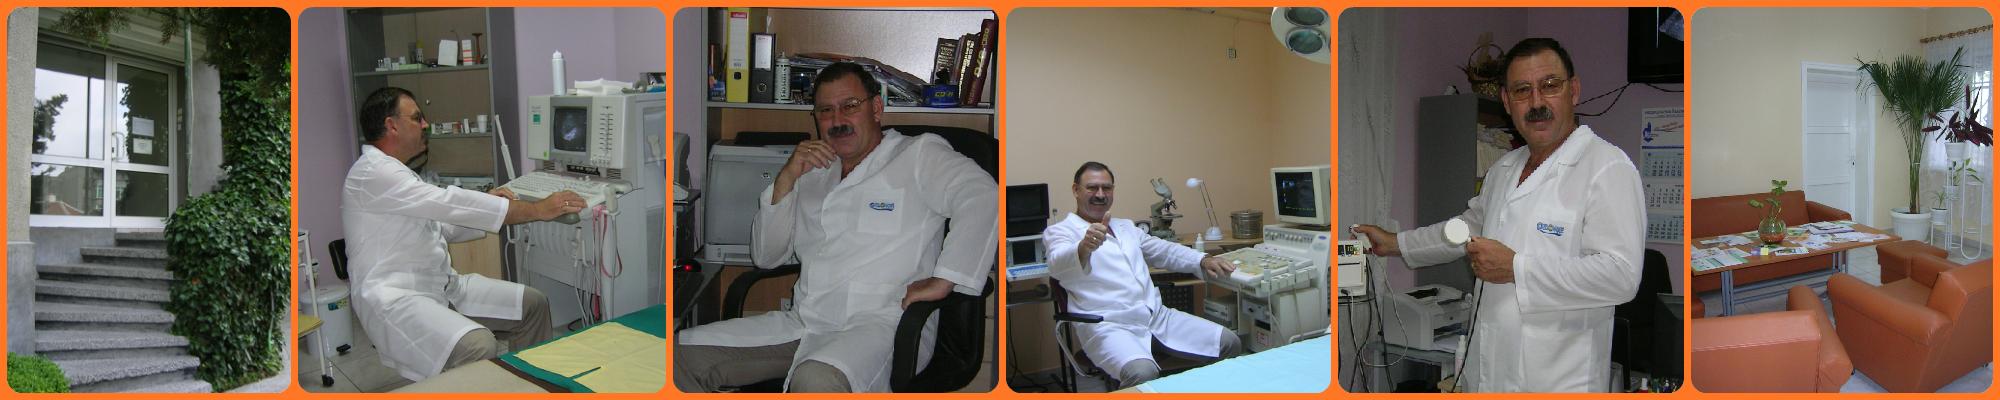 Д-р Георги Георгиев | Специалист акушер-гинеколог